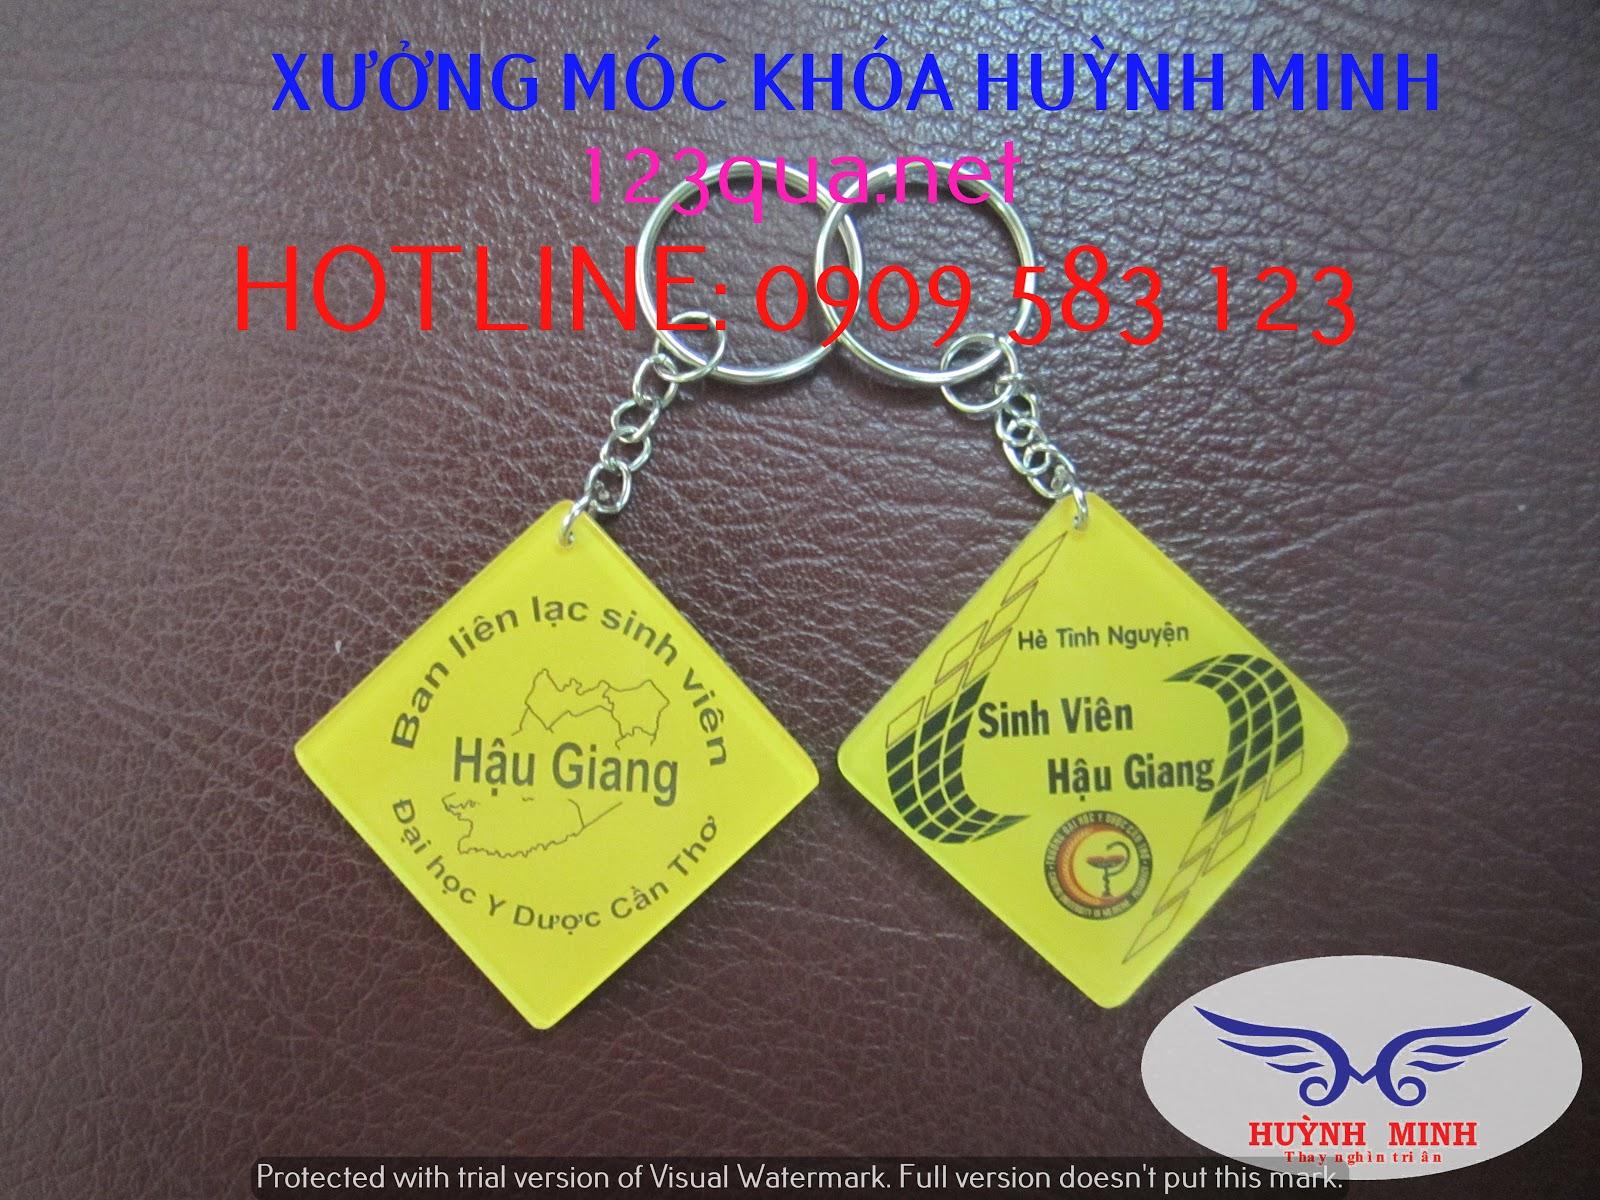 Cơ sở gia công móc khóa mica, móc khóa nhựa dẻo, móc khóa simili, móc khóa thiết kế theo yêu cầu